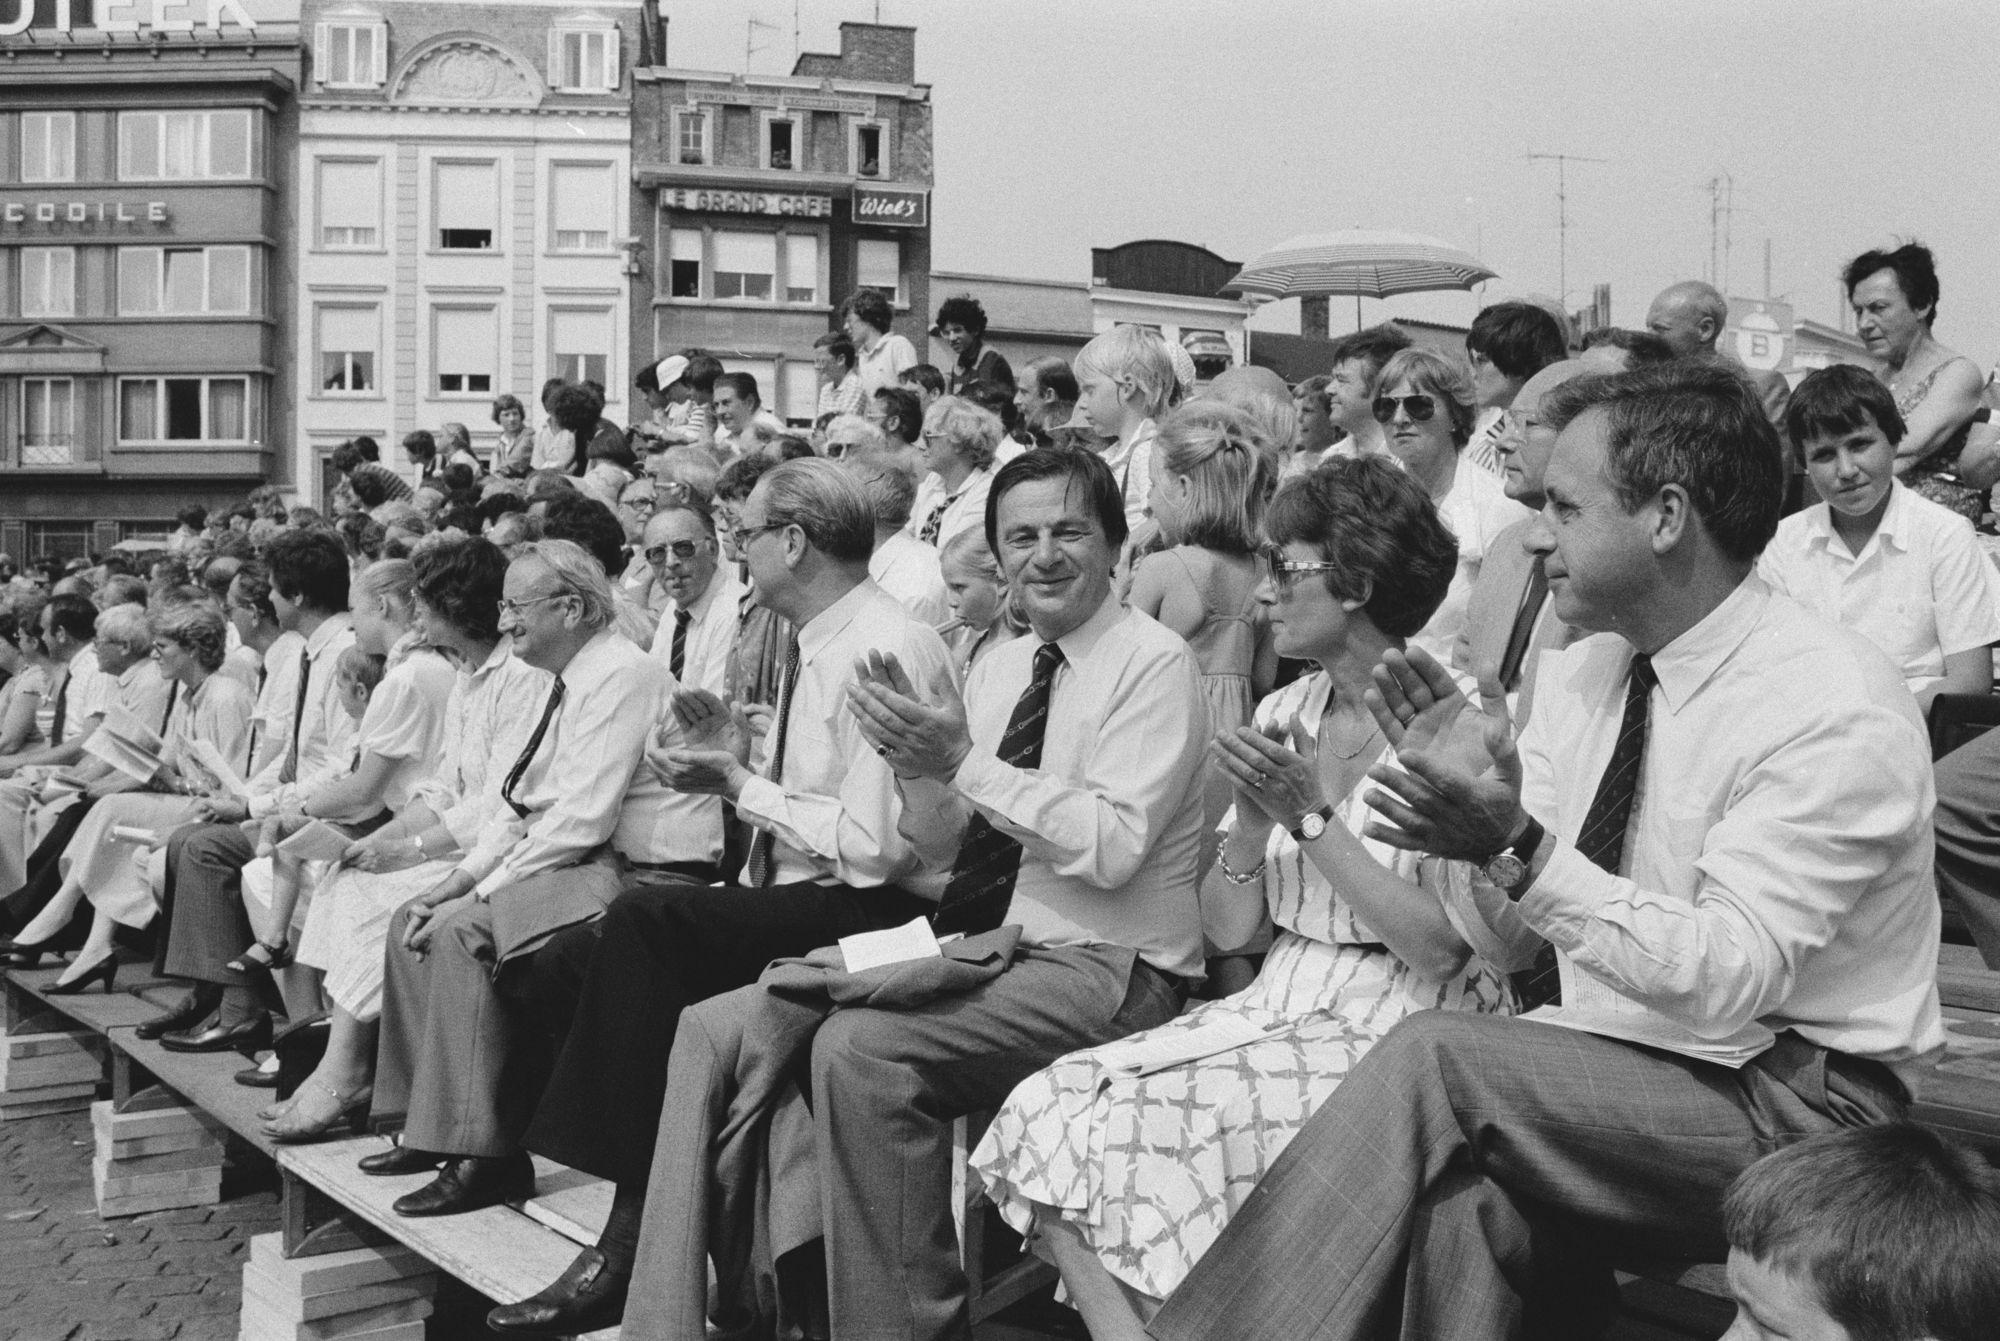 Toeschouwers bij de historische stoet tijdens de 11 juliviering 1982